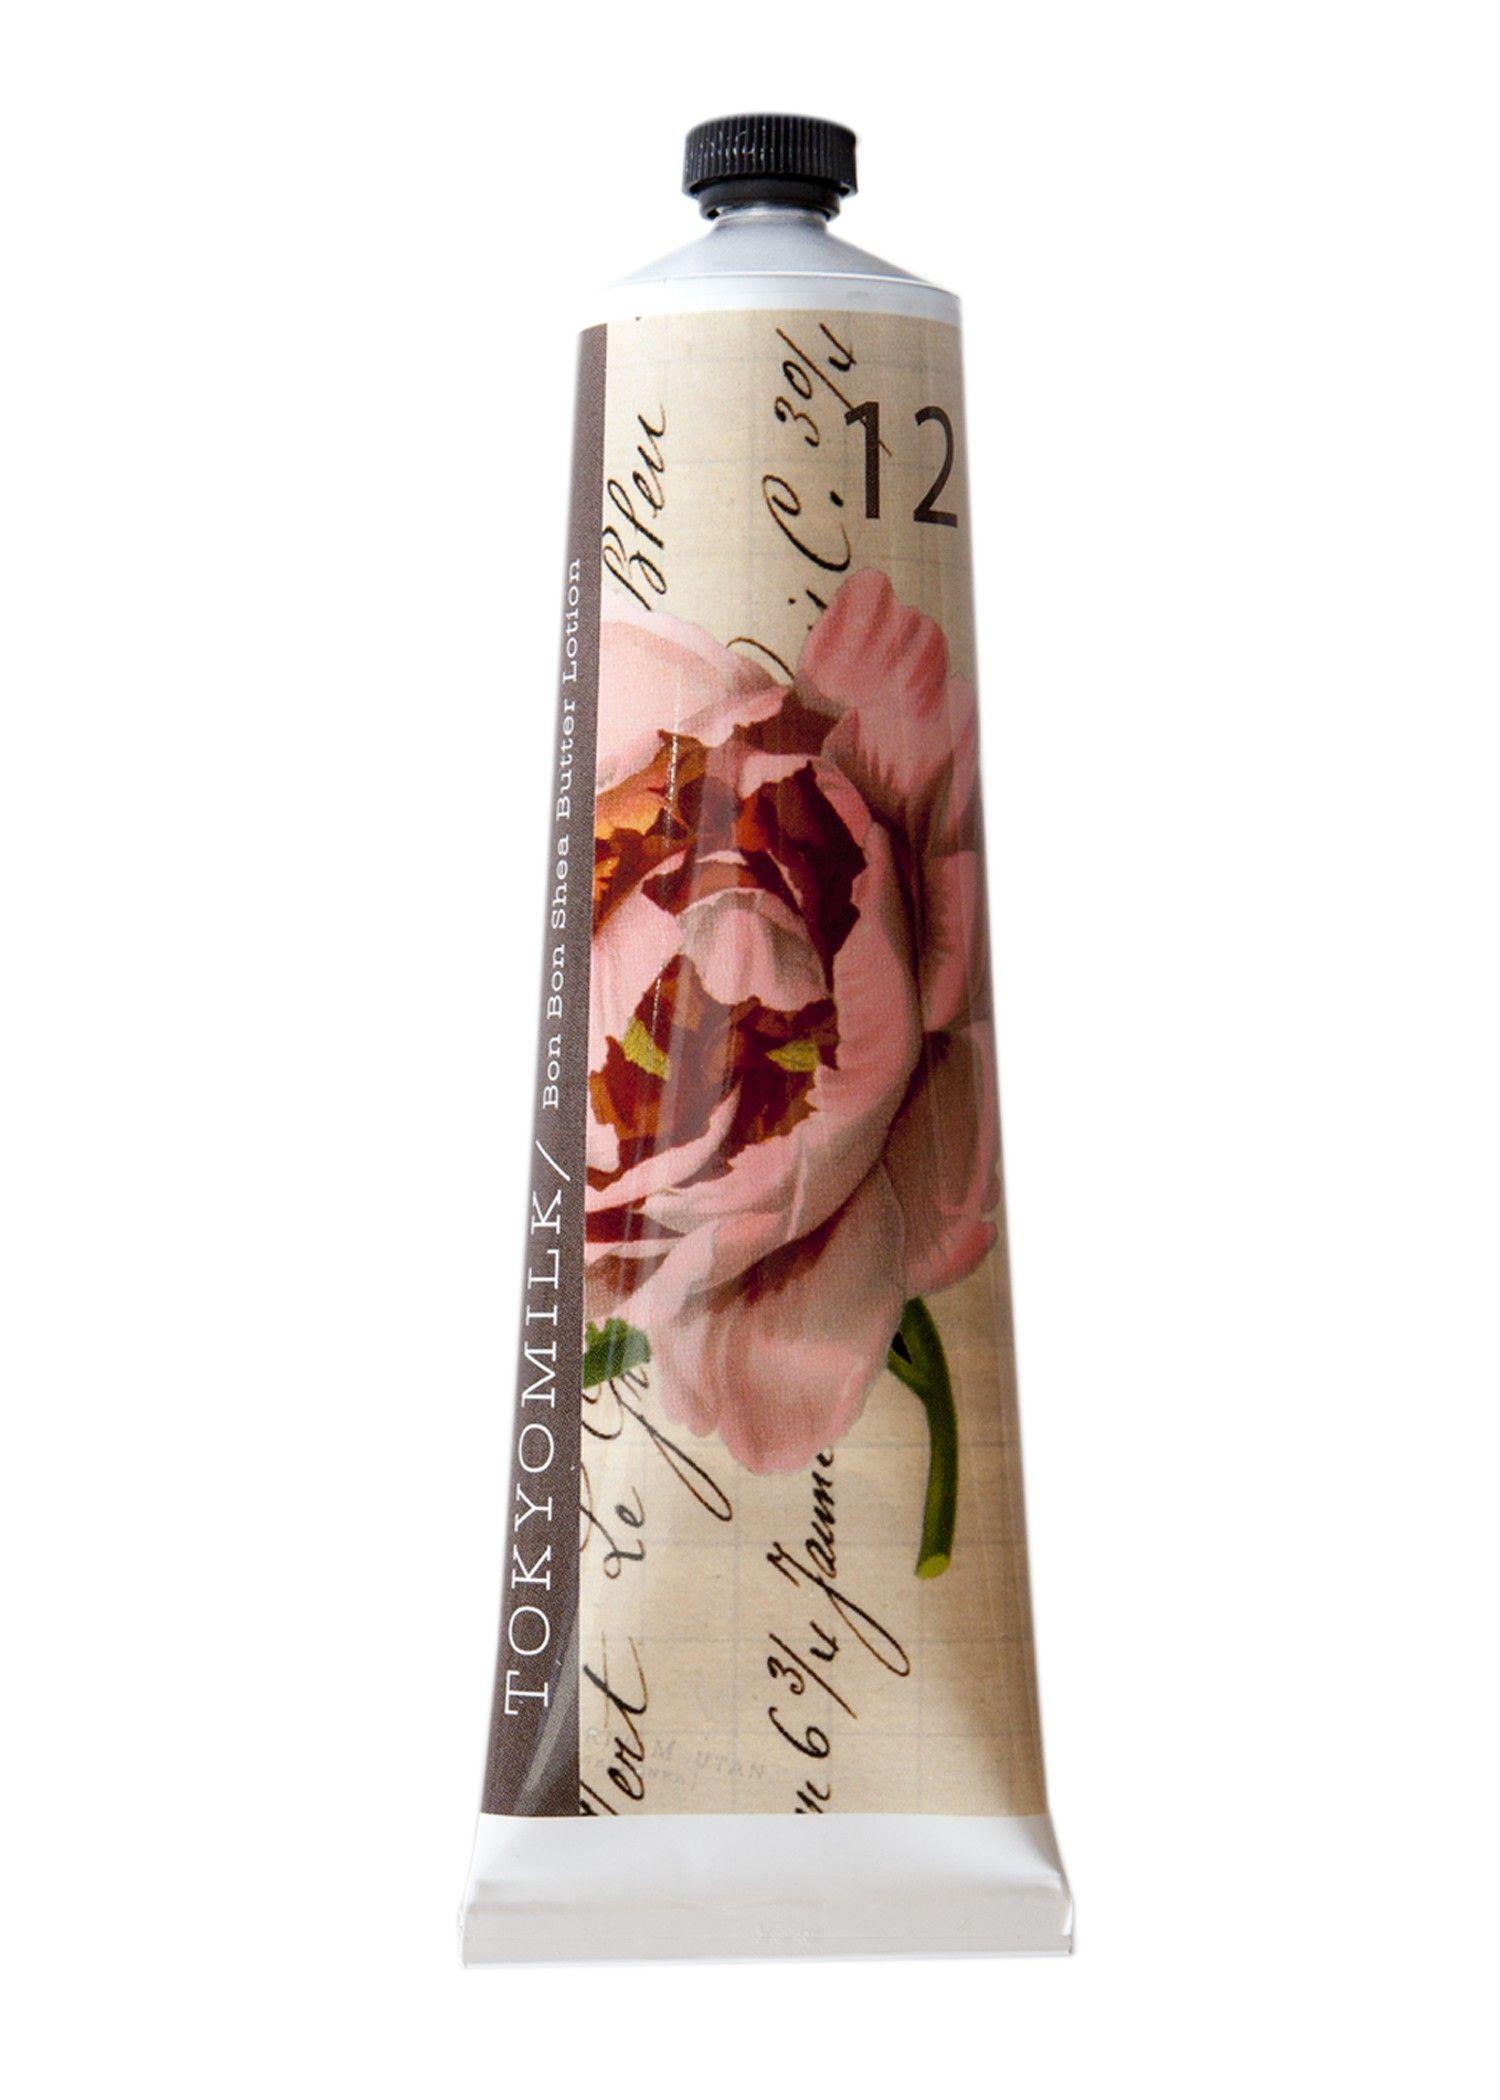 beautiful packaging gin and rosewater Shea butter